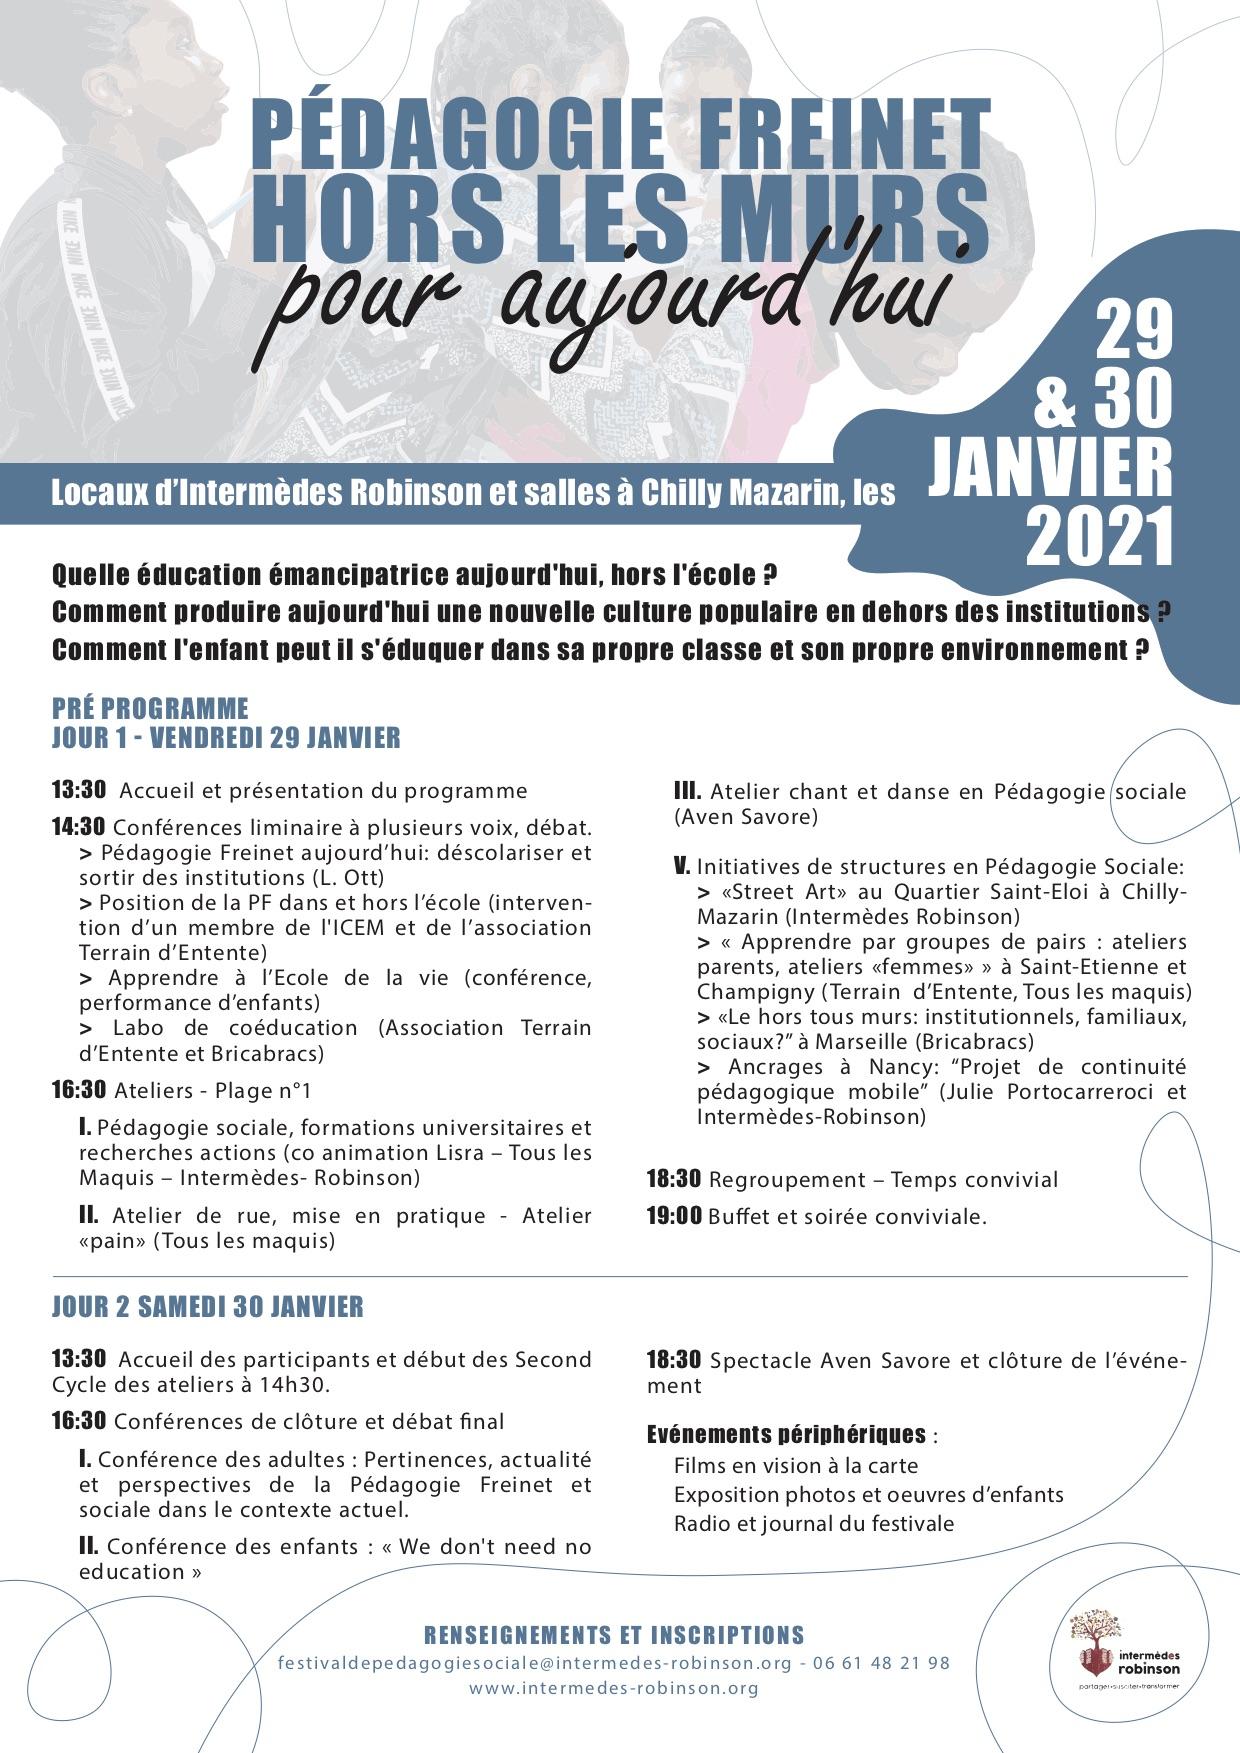 Festival de Pédagogie Sociale d'Intermèdes Robinson91